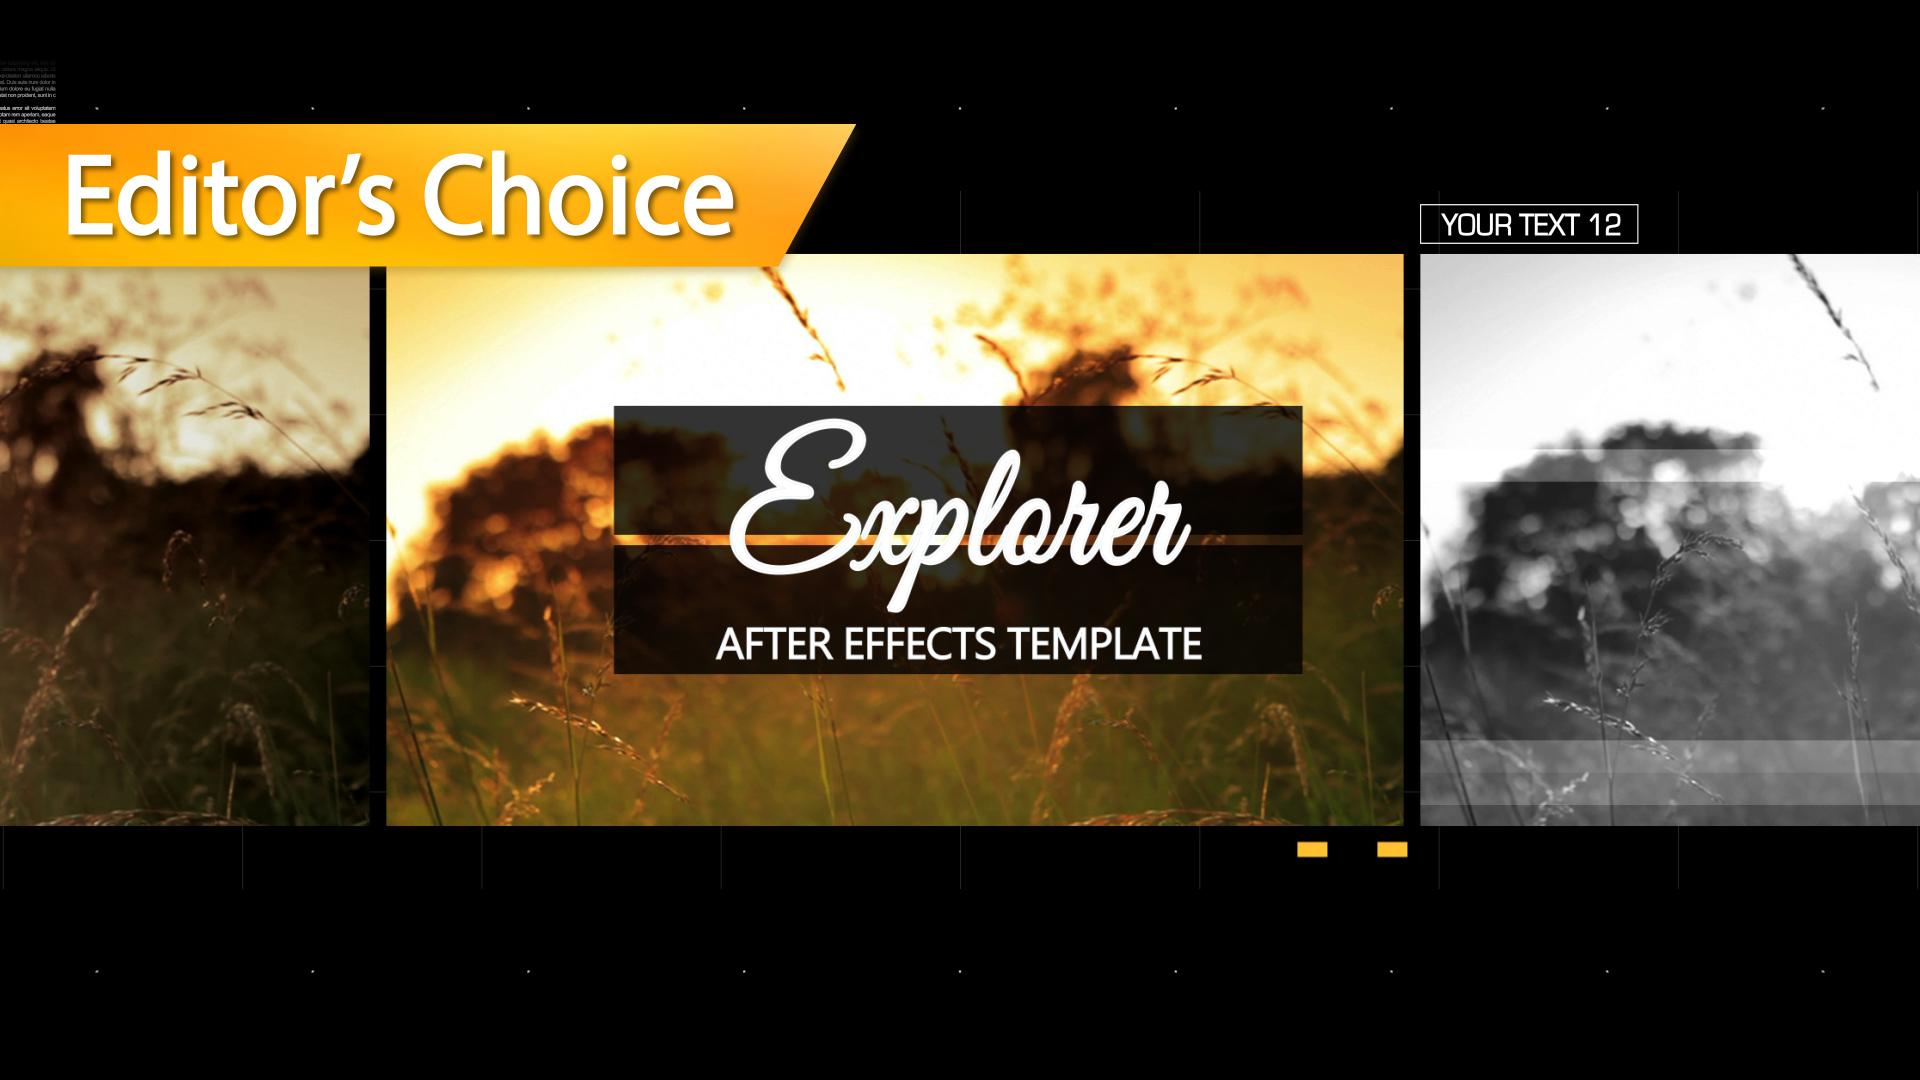 explorer after effects template. Black Bedroom Furniture Sets. Home Design Ideas